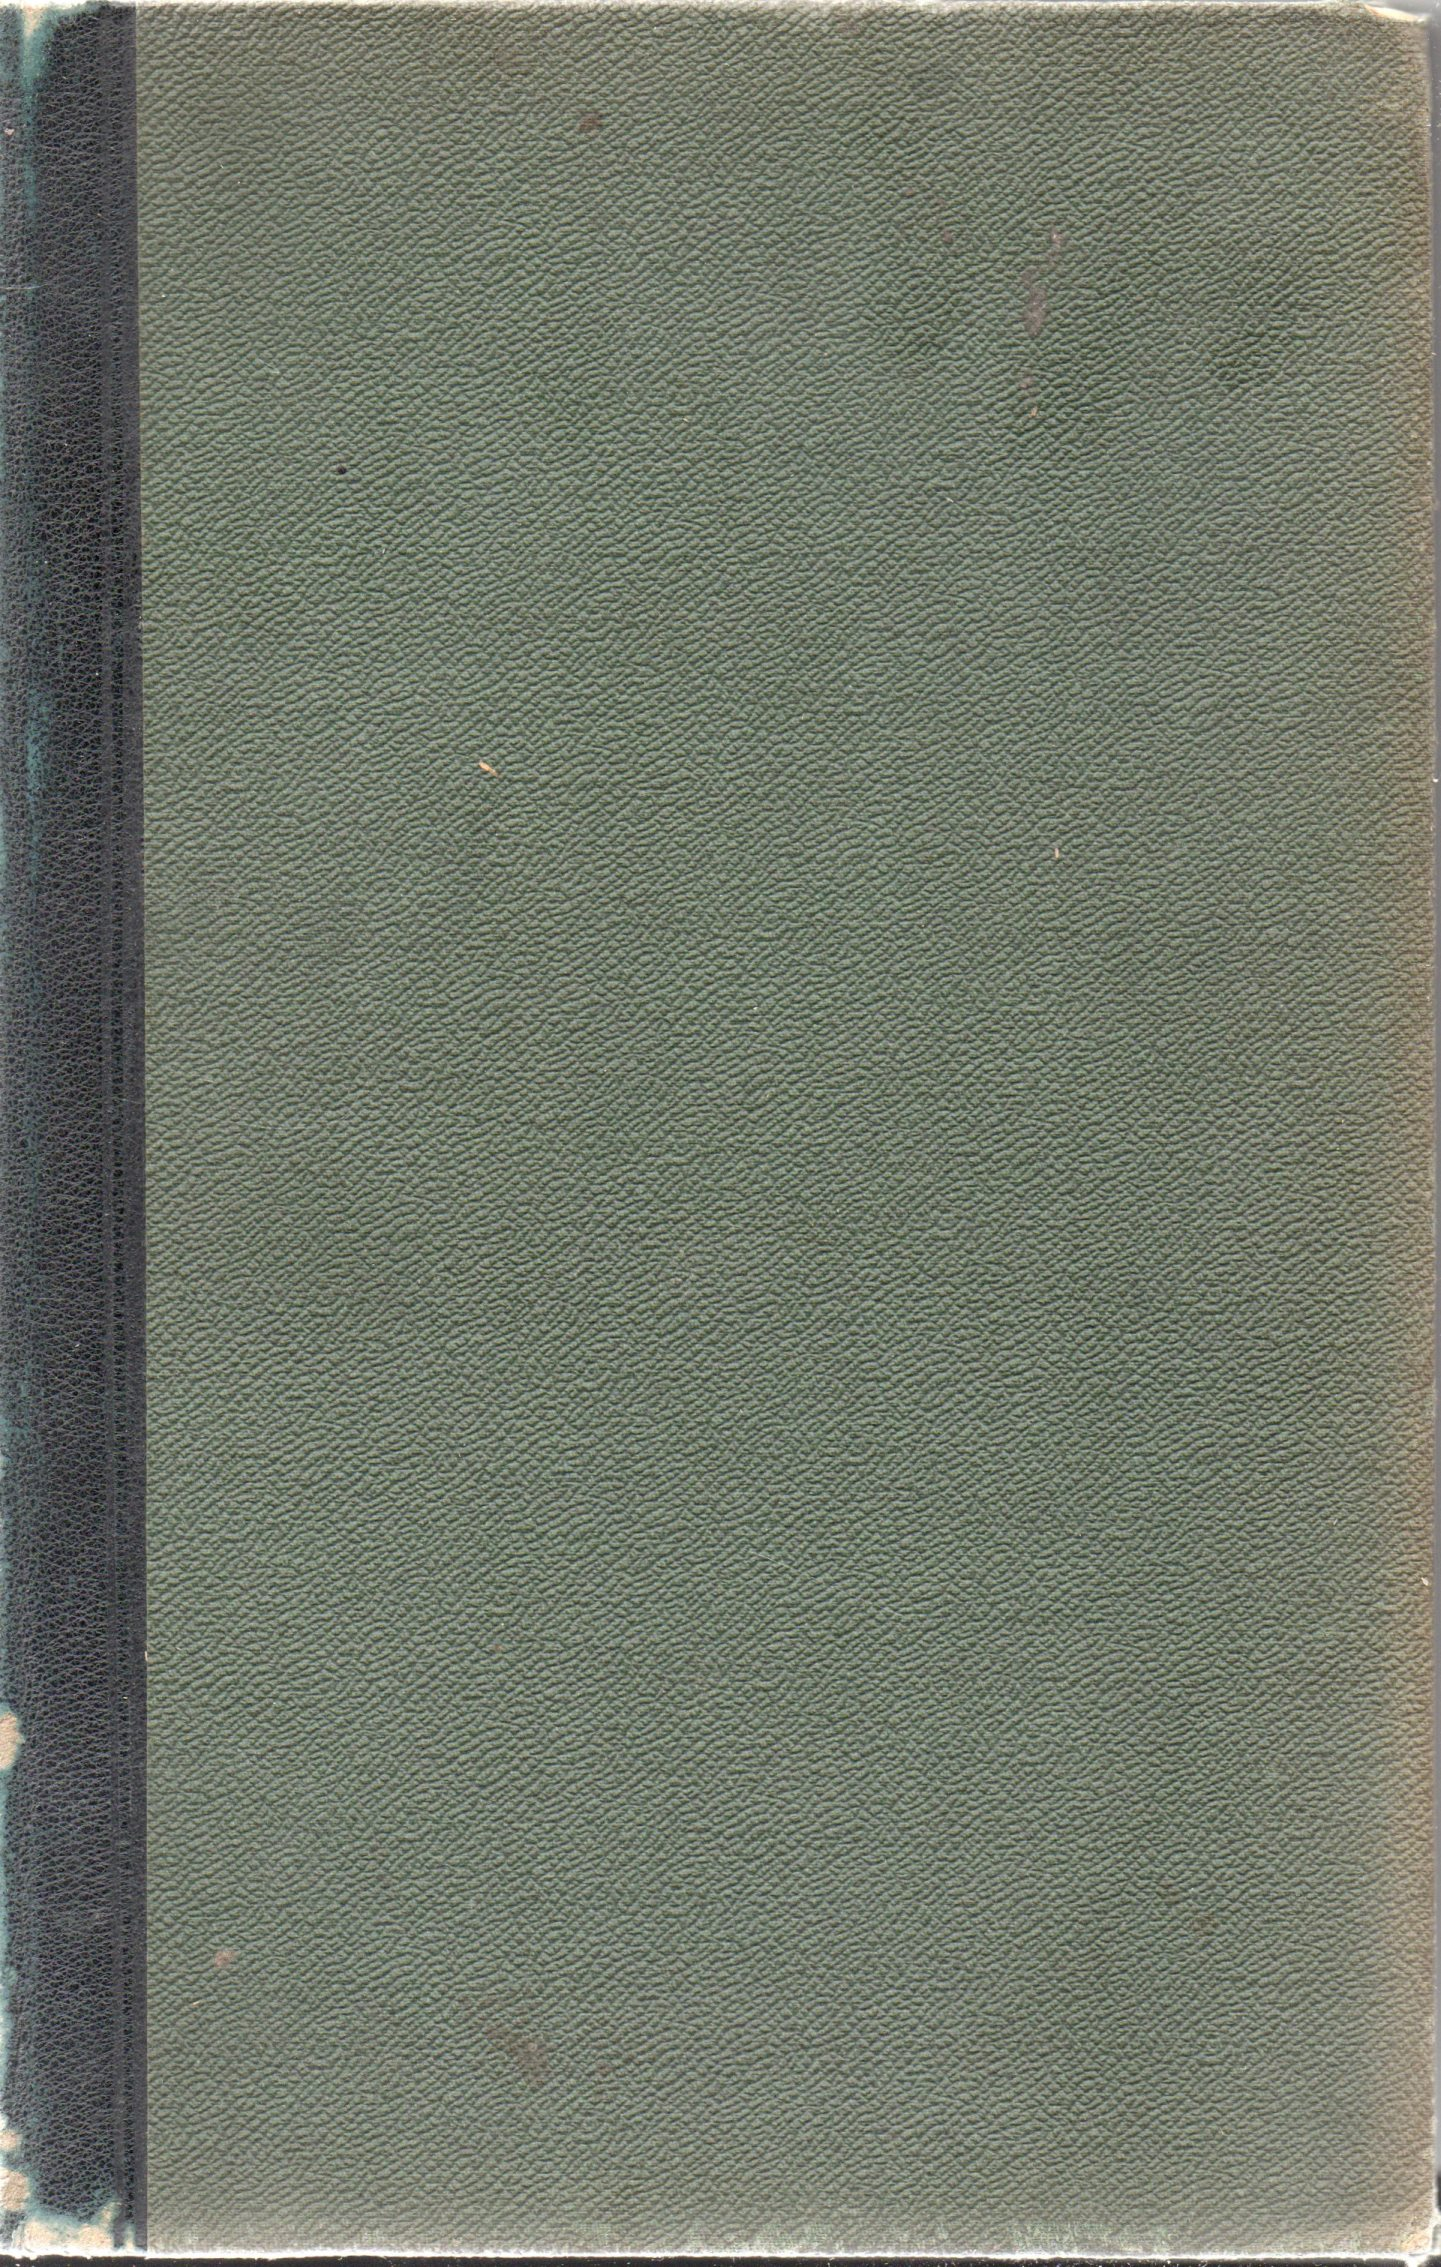 Енциклопедичний словник Брокгауза і Єфрона. Додатковий Т. ІІ